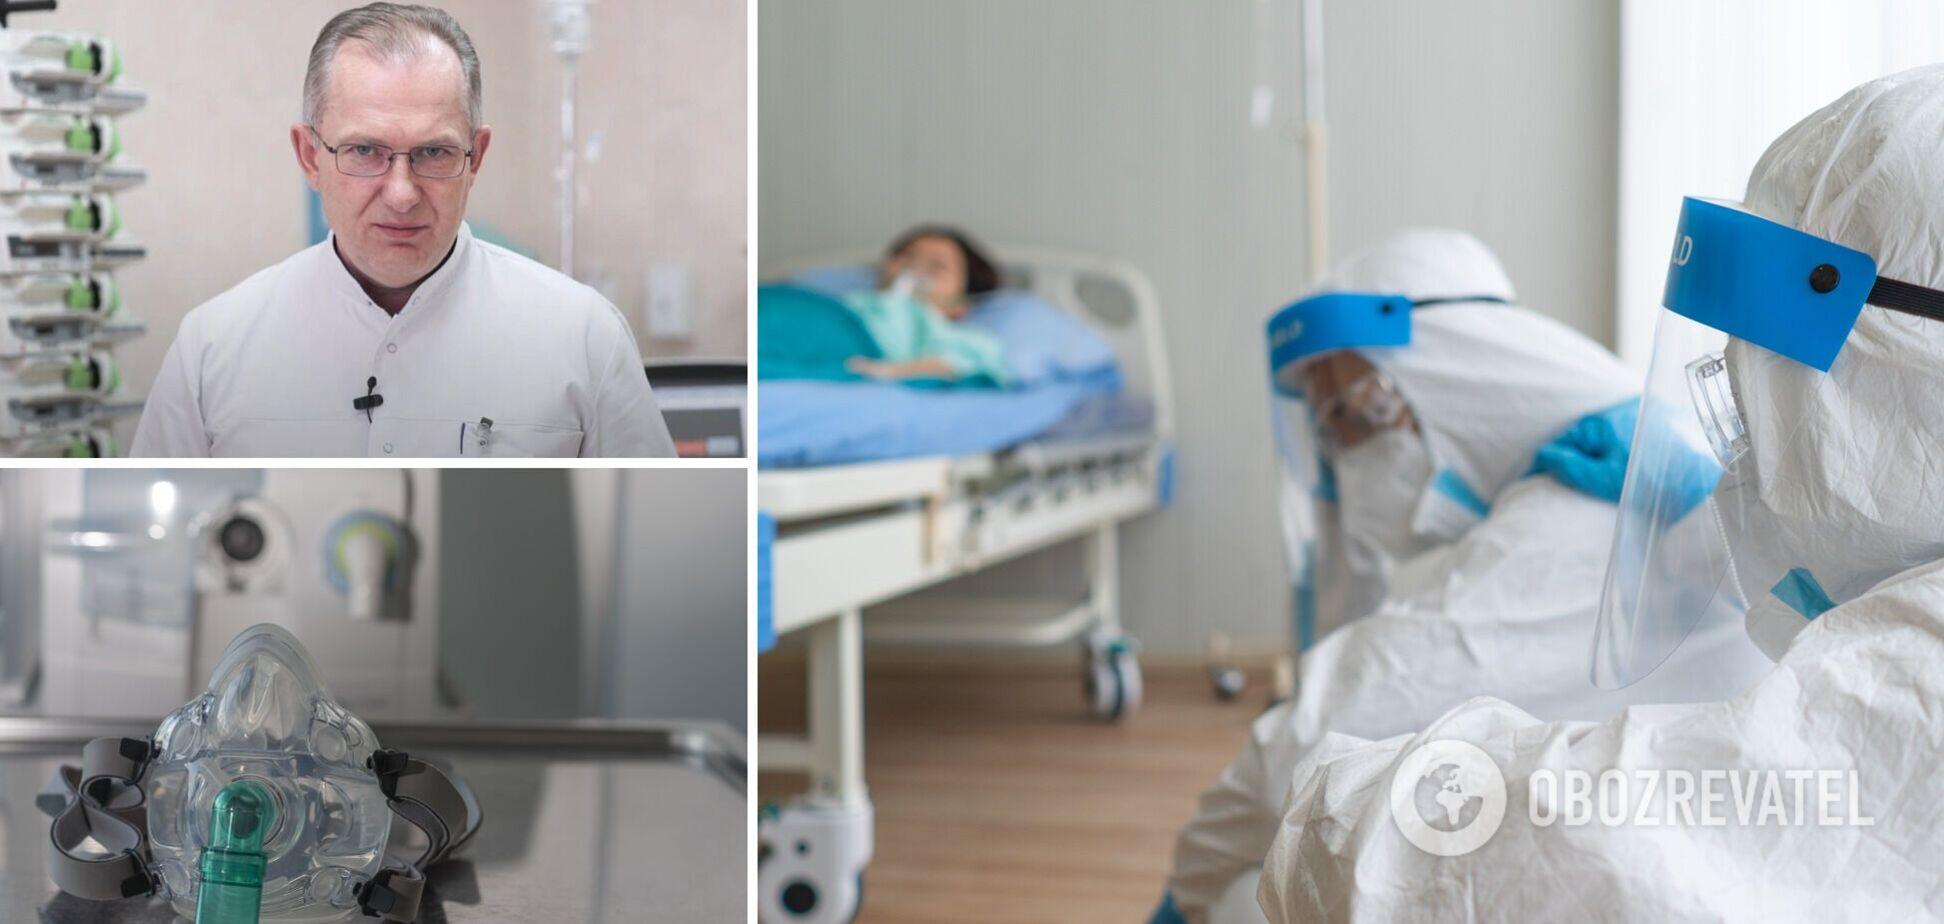 Страждають не тільки легені, але й нирки: лікар вказав на небезпечну зміну перебігу COVID-19